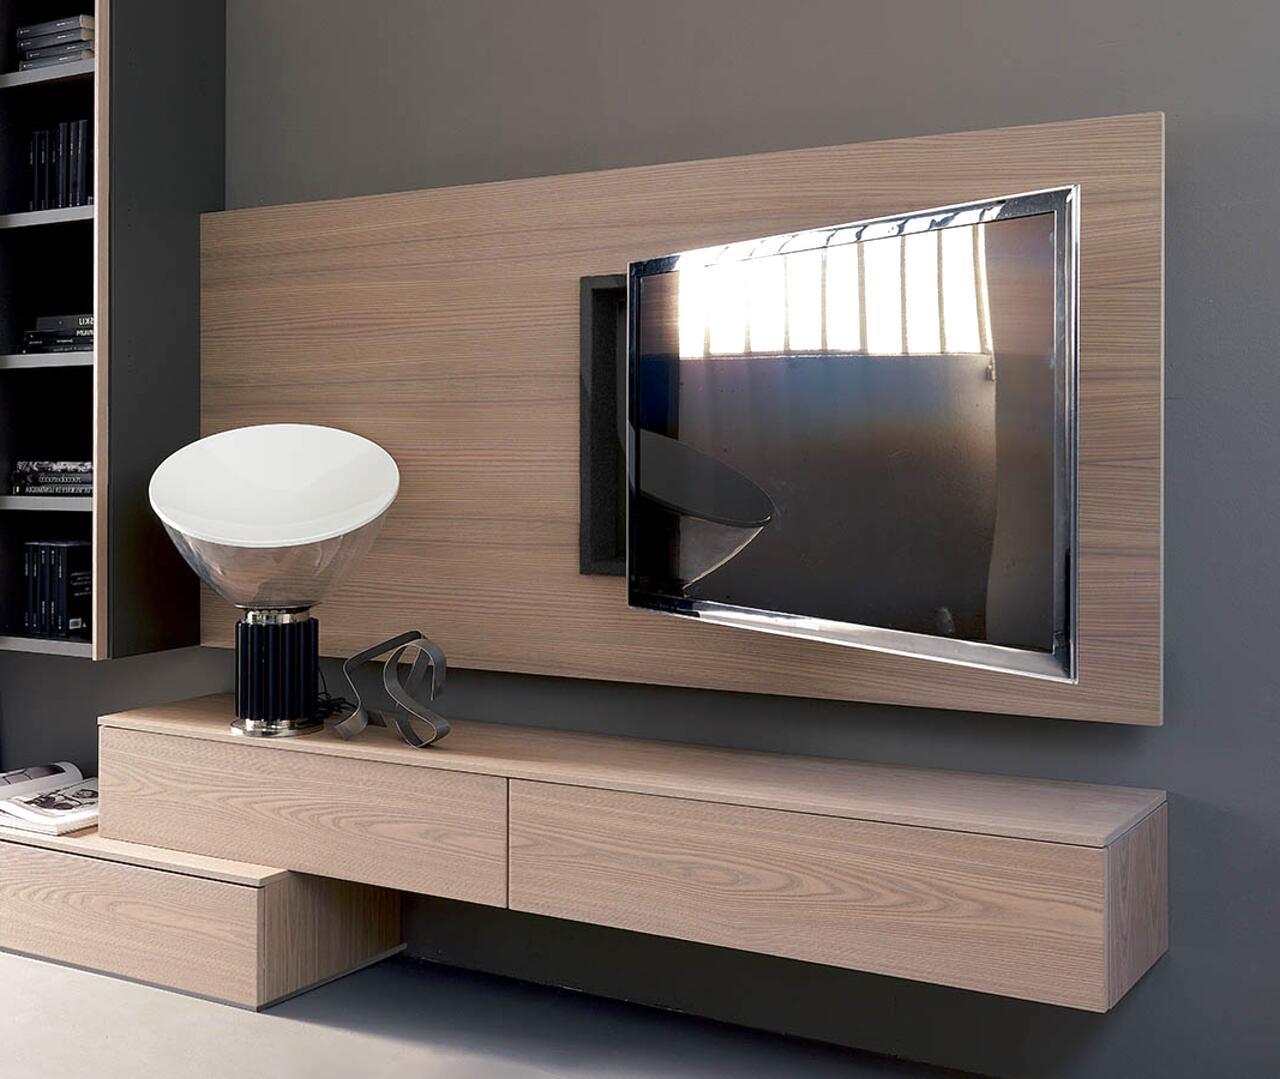 Pannello Porta Tv Orientabile Ikea.Pannello Porta Tv Usato In Italia Vedi Tutte I 46 Prezzi